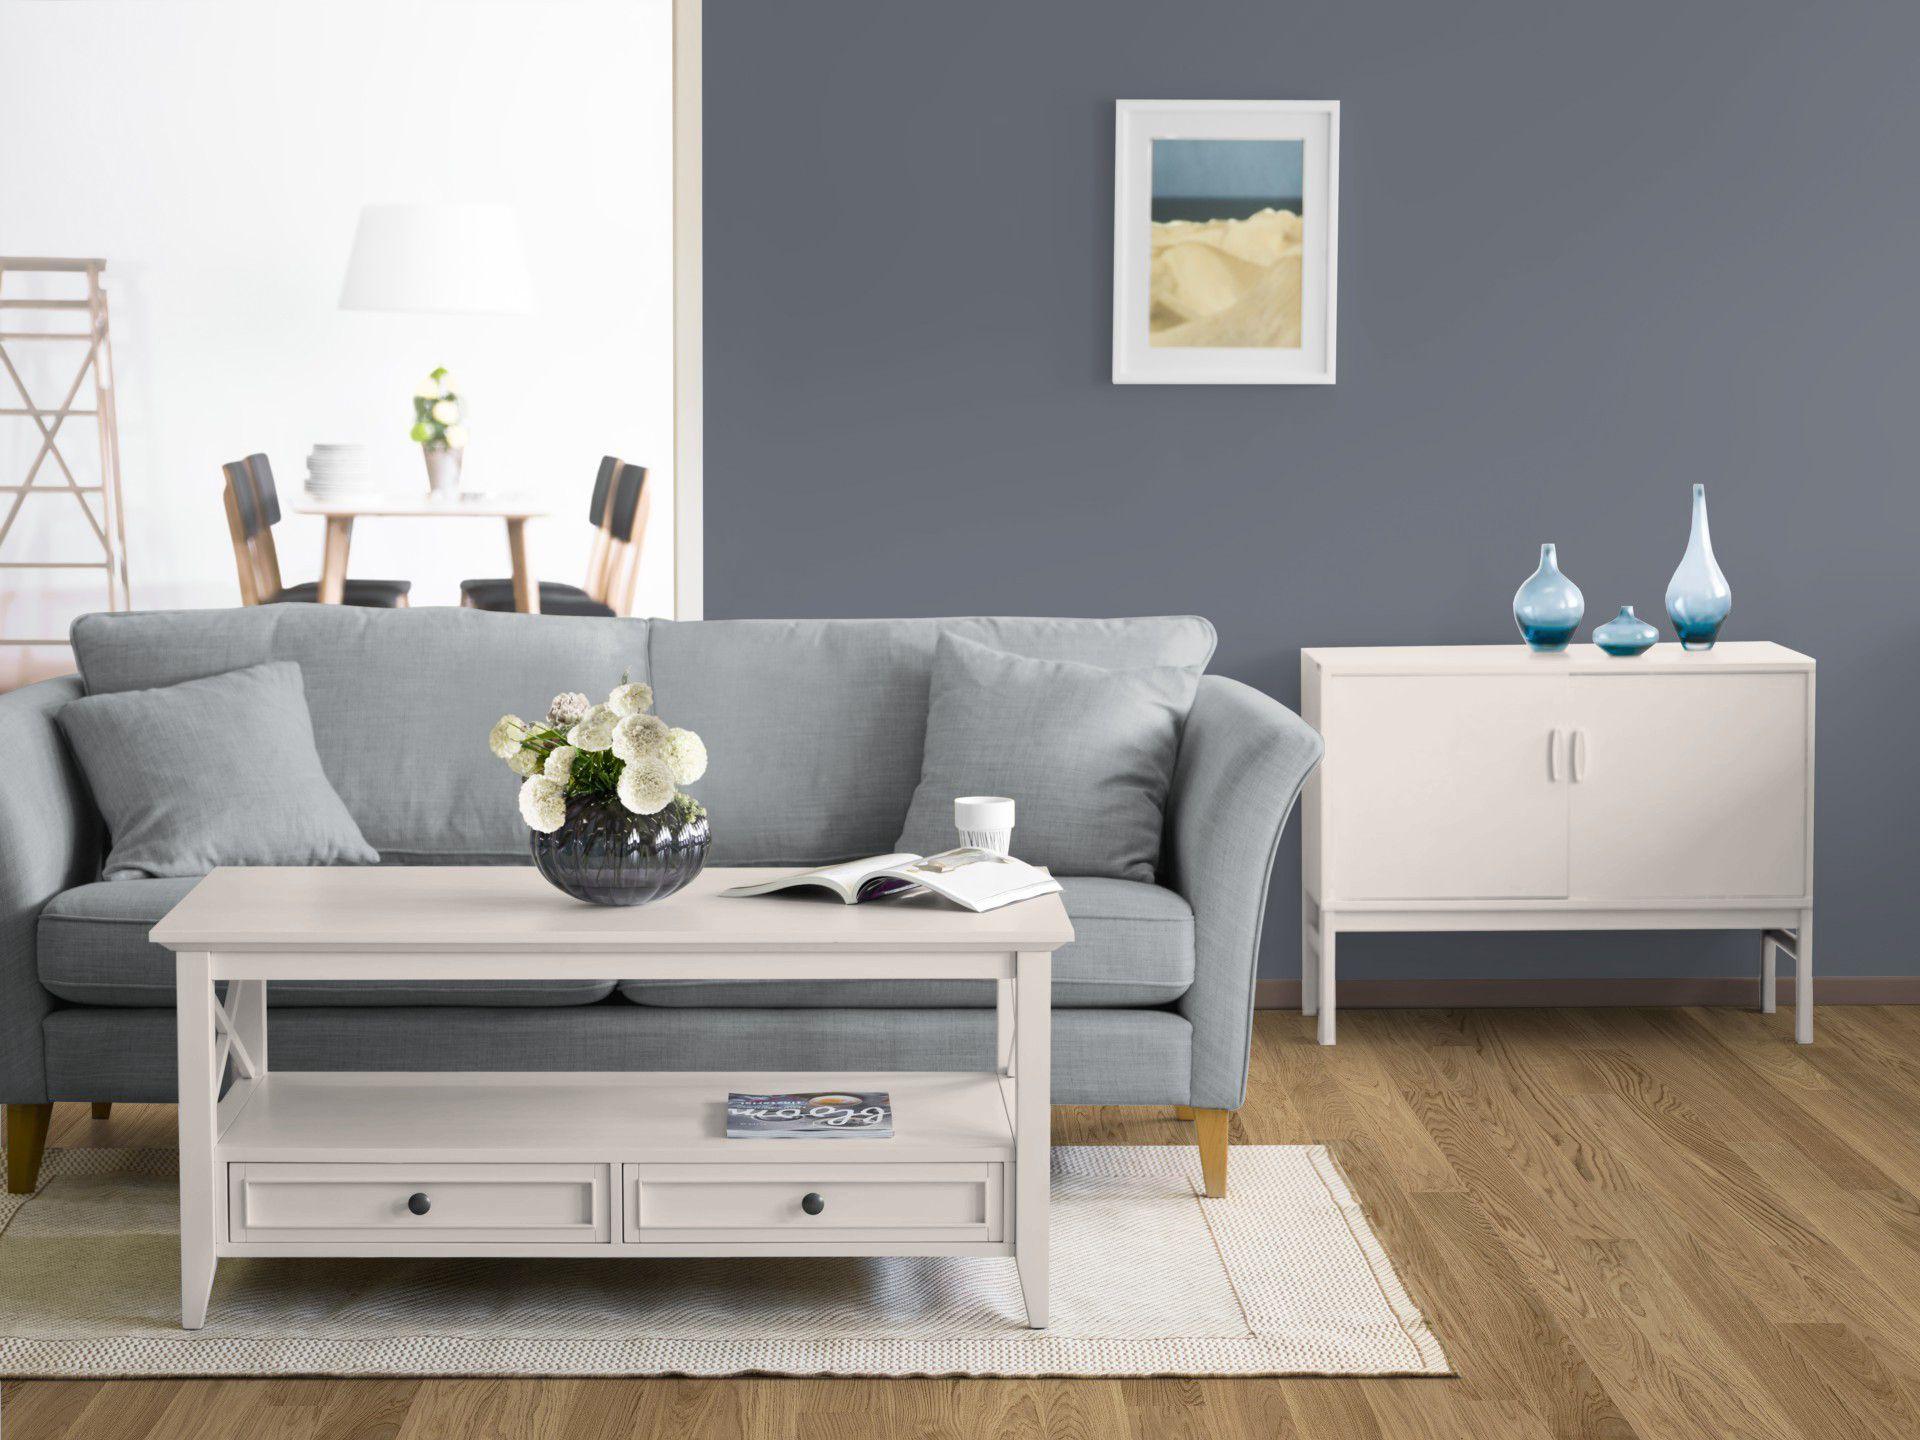 das kolorat zimmer in einem harmonischen blau creme die. Black Bedroom Furniture Sets. Home Design Ideas